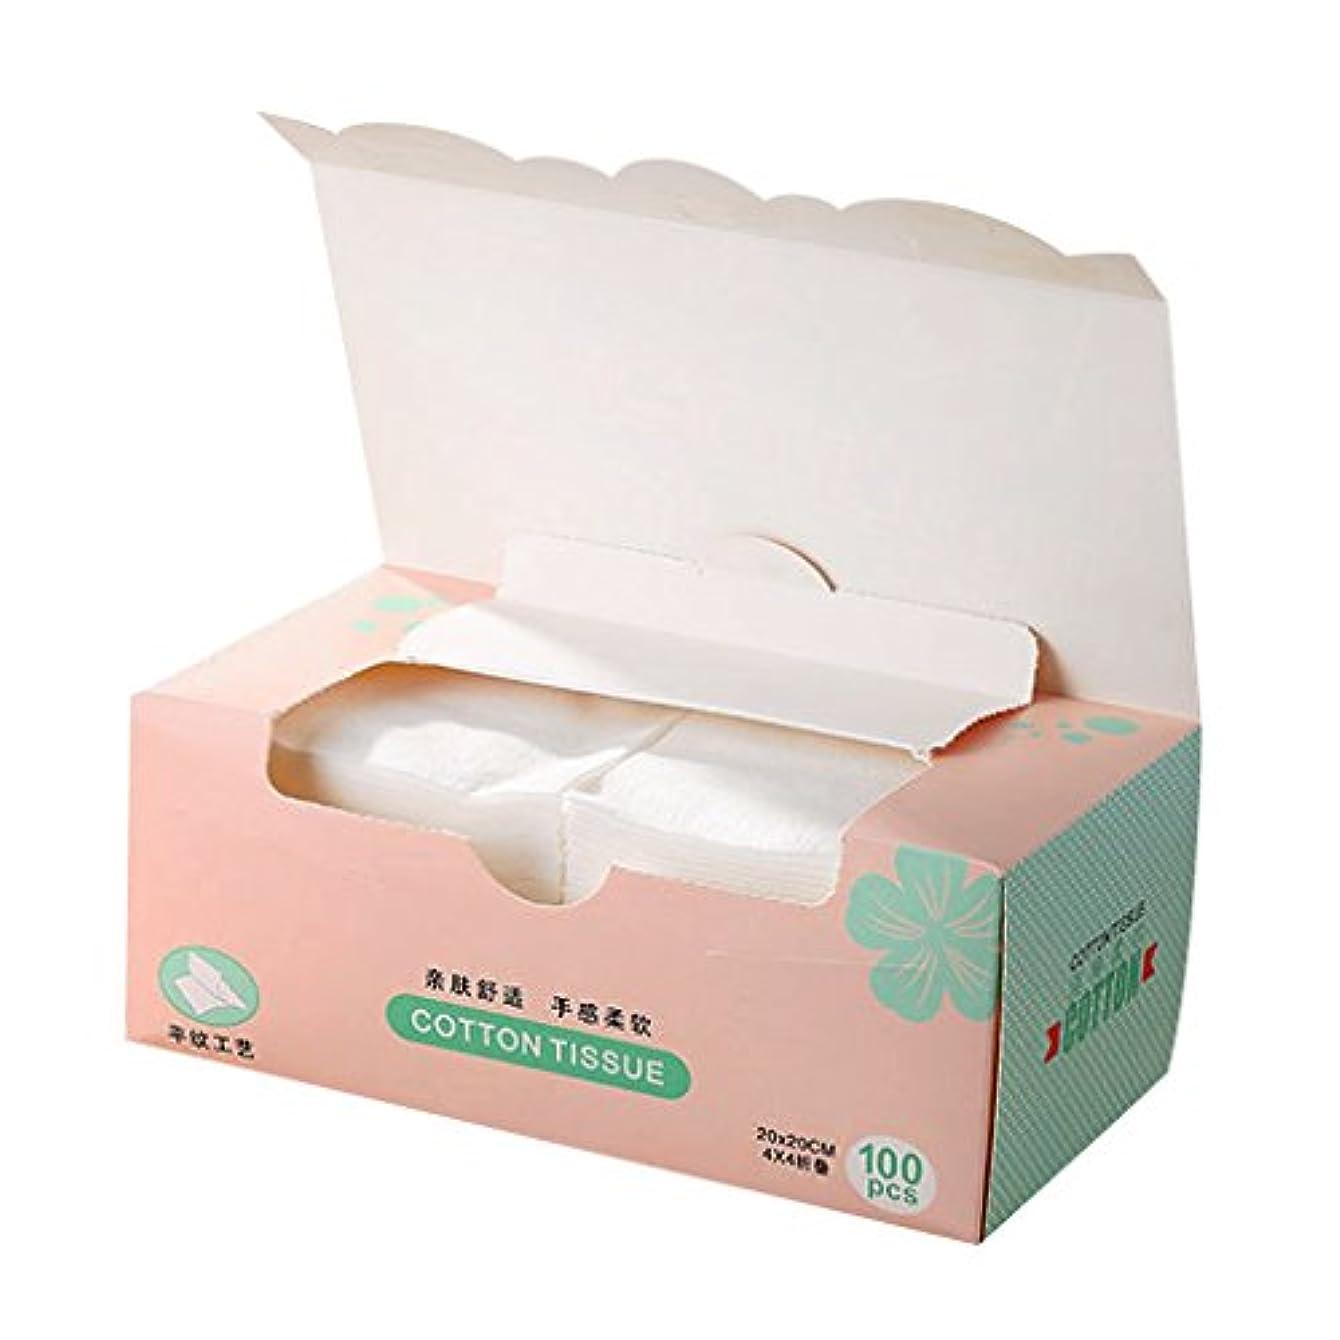 疑わしい聴覚障害者きゅうりPerfeclan 1箱 使い捨て フェイスタオル メイクリムーバー 顔用タオル 機能性 使い捨てリムー メイク